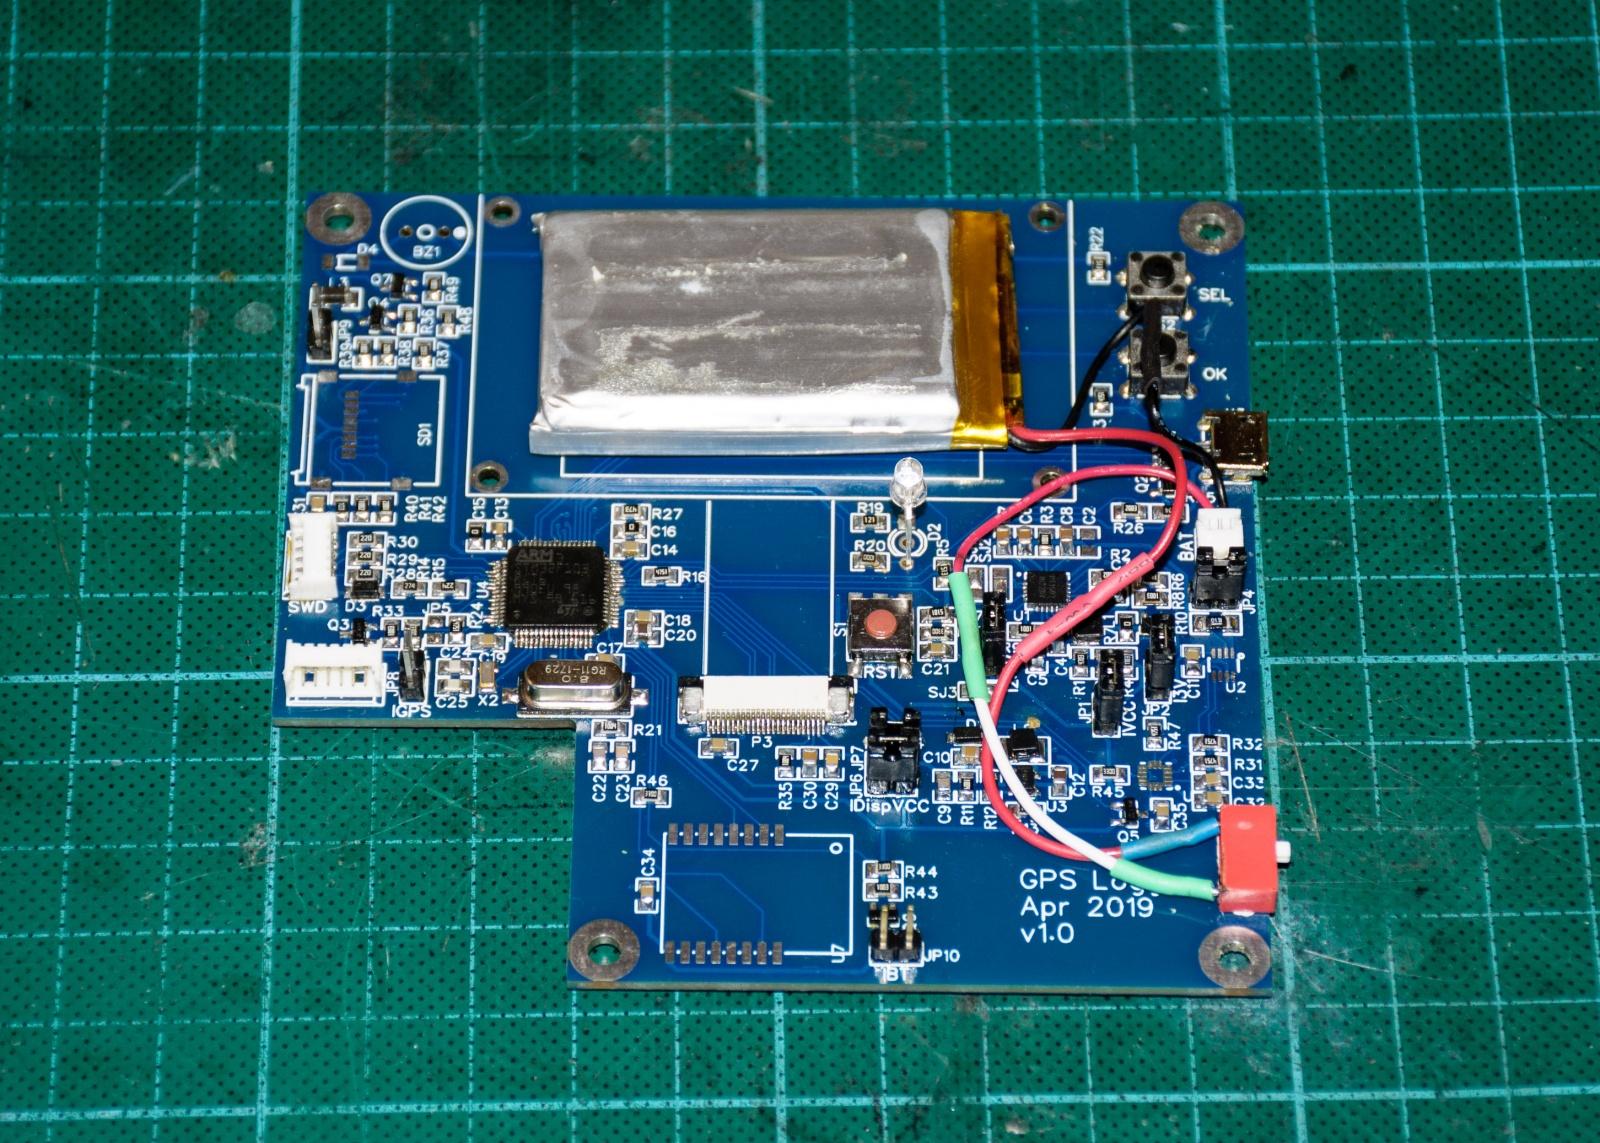 КПК (Карманный Путевой Компьютер): Схемотехника GPS логгера - 32